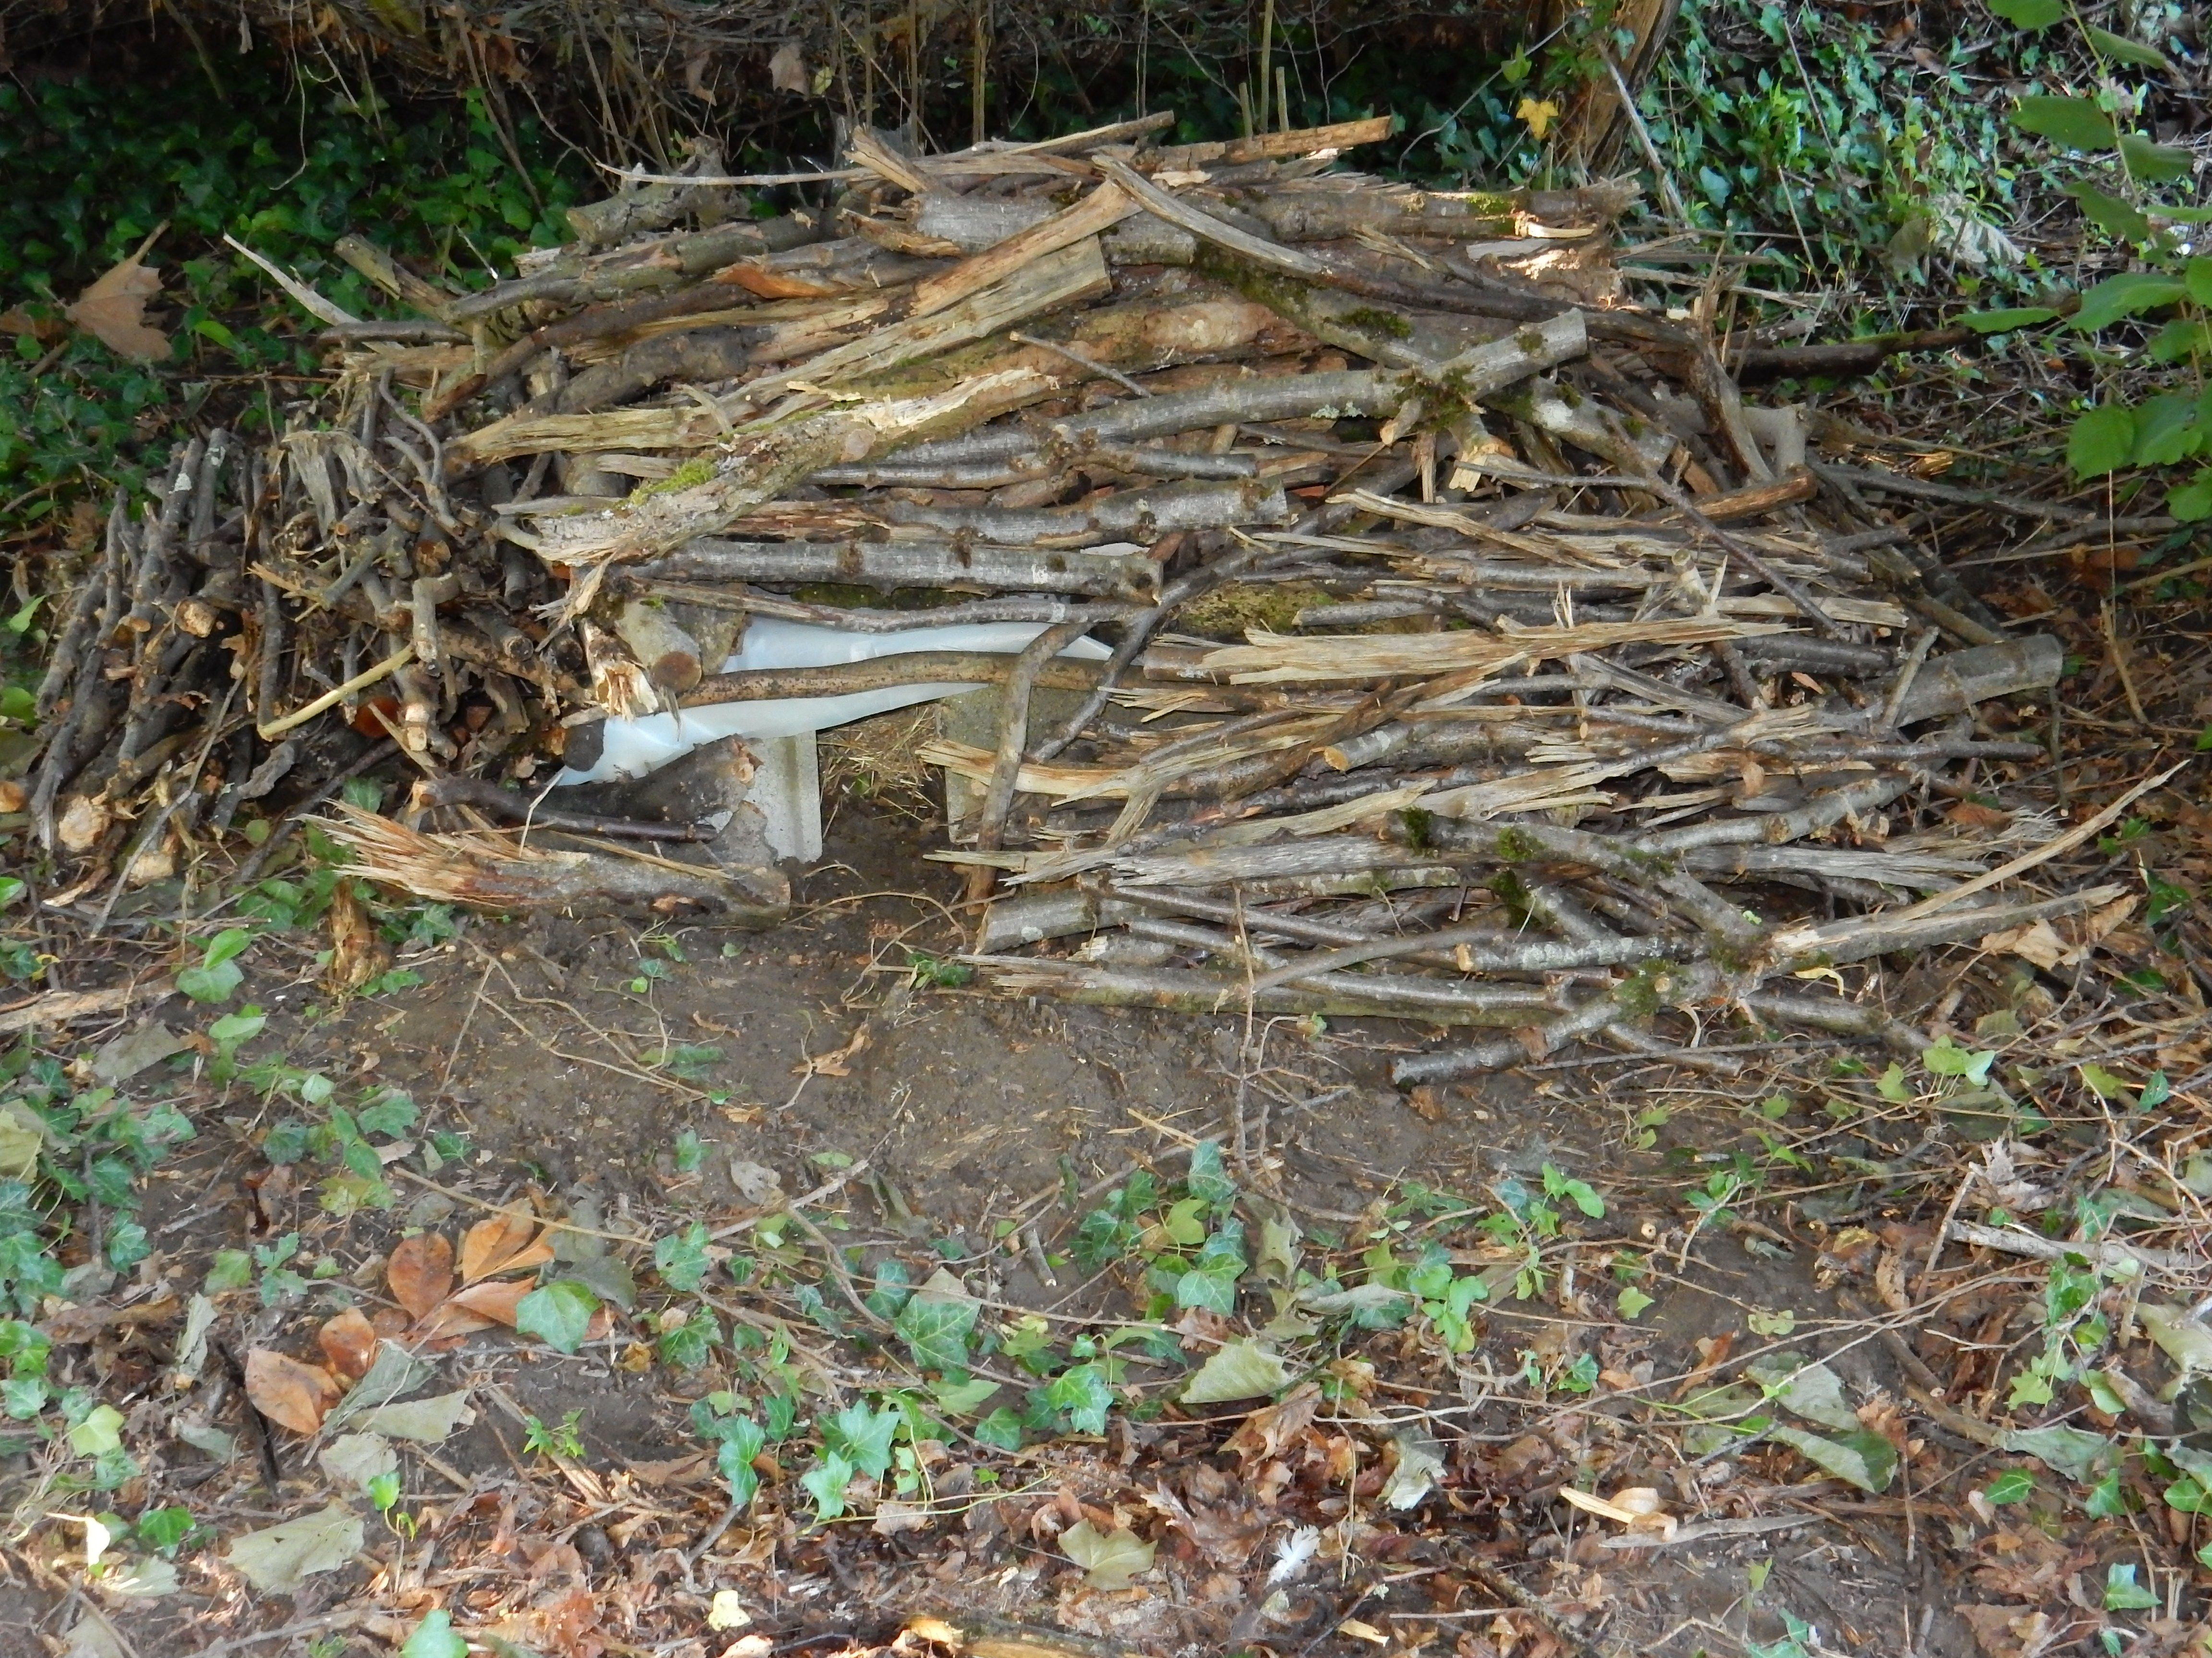 R aliser un abri pour h rissons dans votre jardin avec 5 parpaings une planche un polyane de - Nourrir un herisson dans son jardin ...